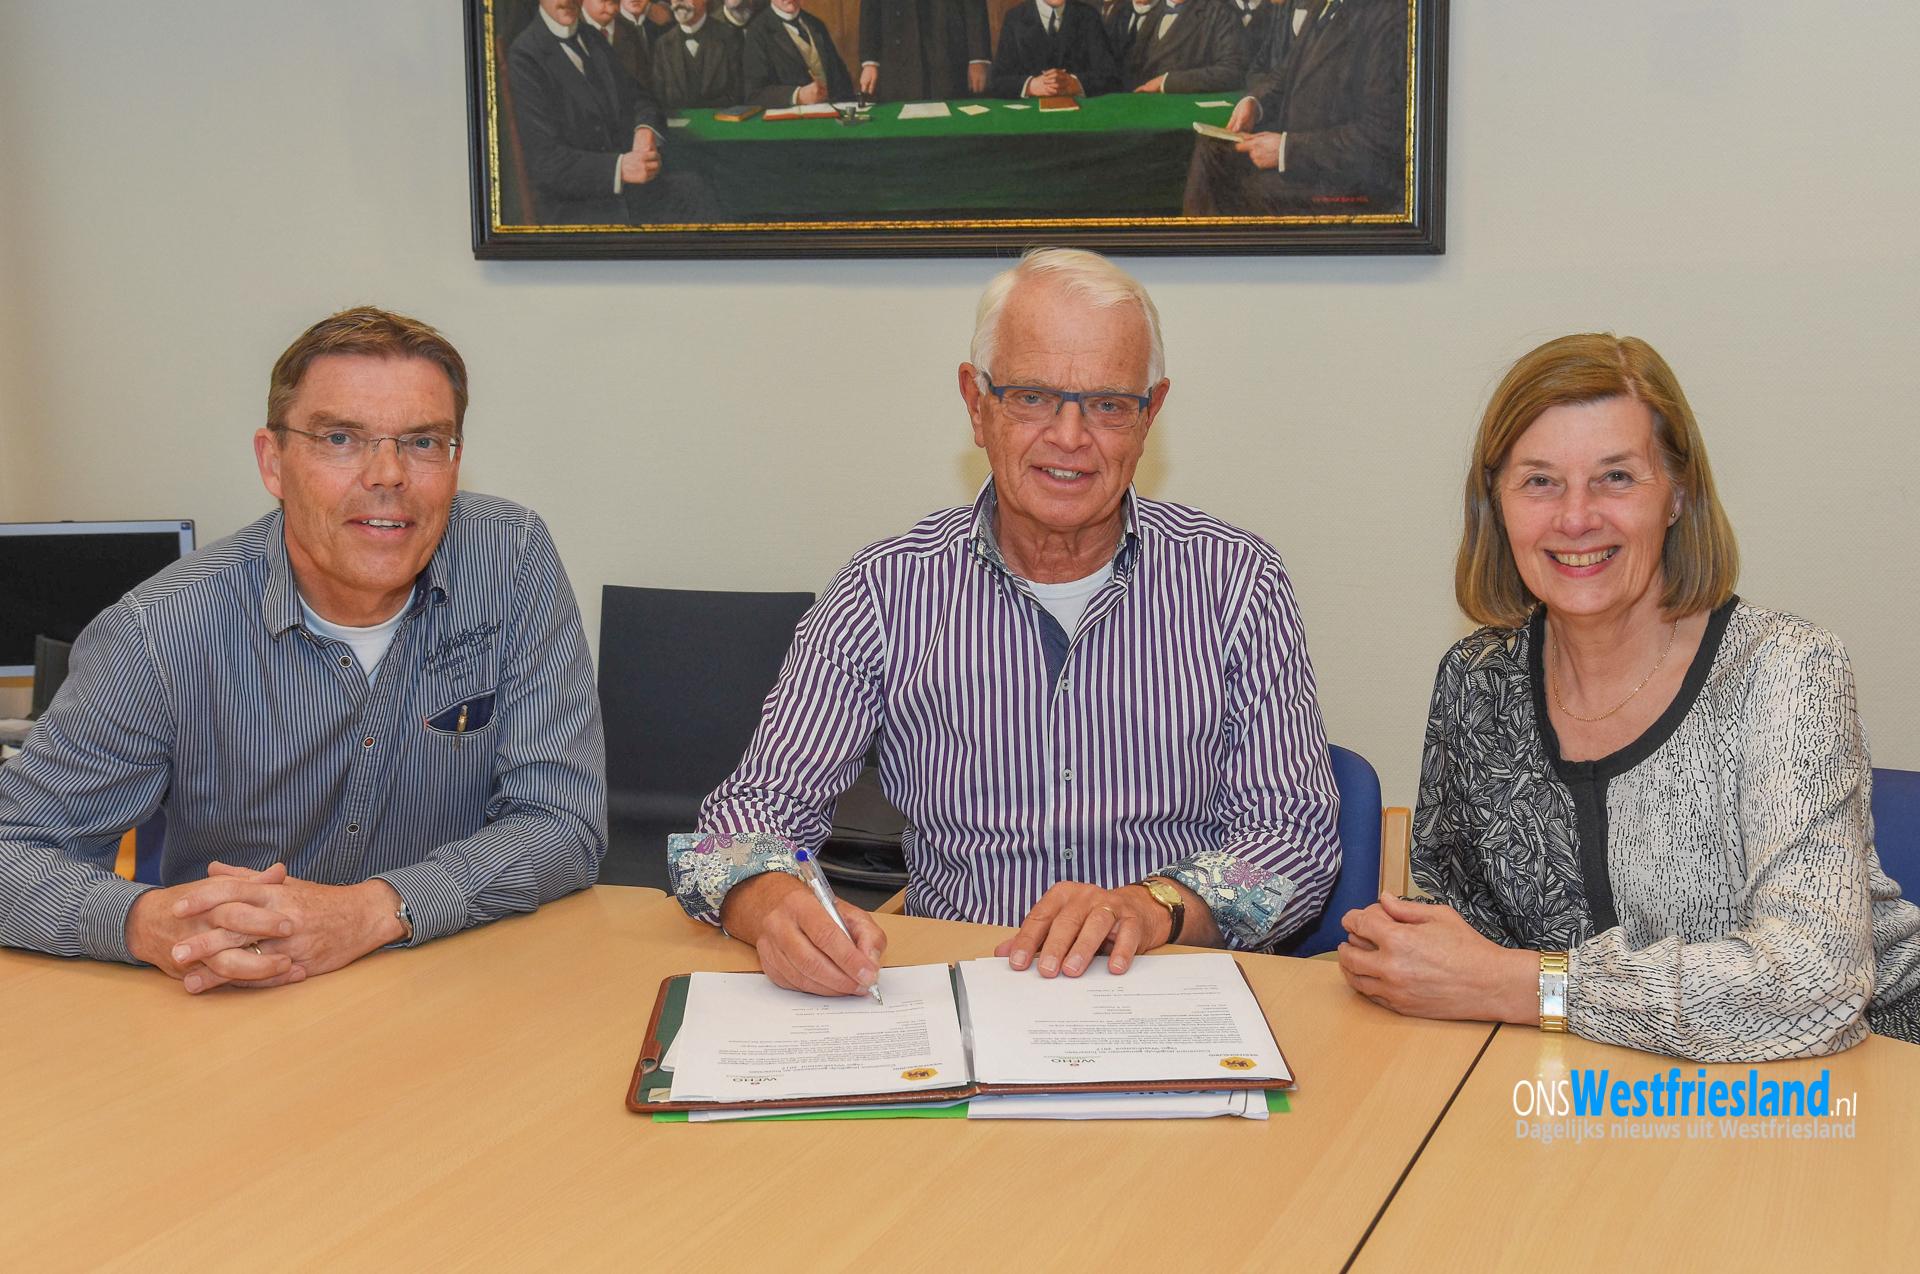 'Betere samenwerking bij jeugdhulp tussen huisartsen en wijkteams Westfriesland'